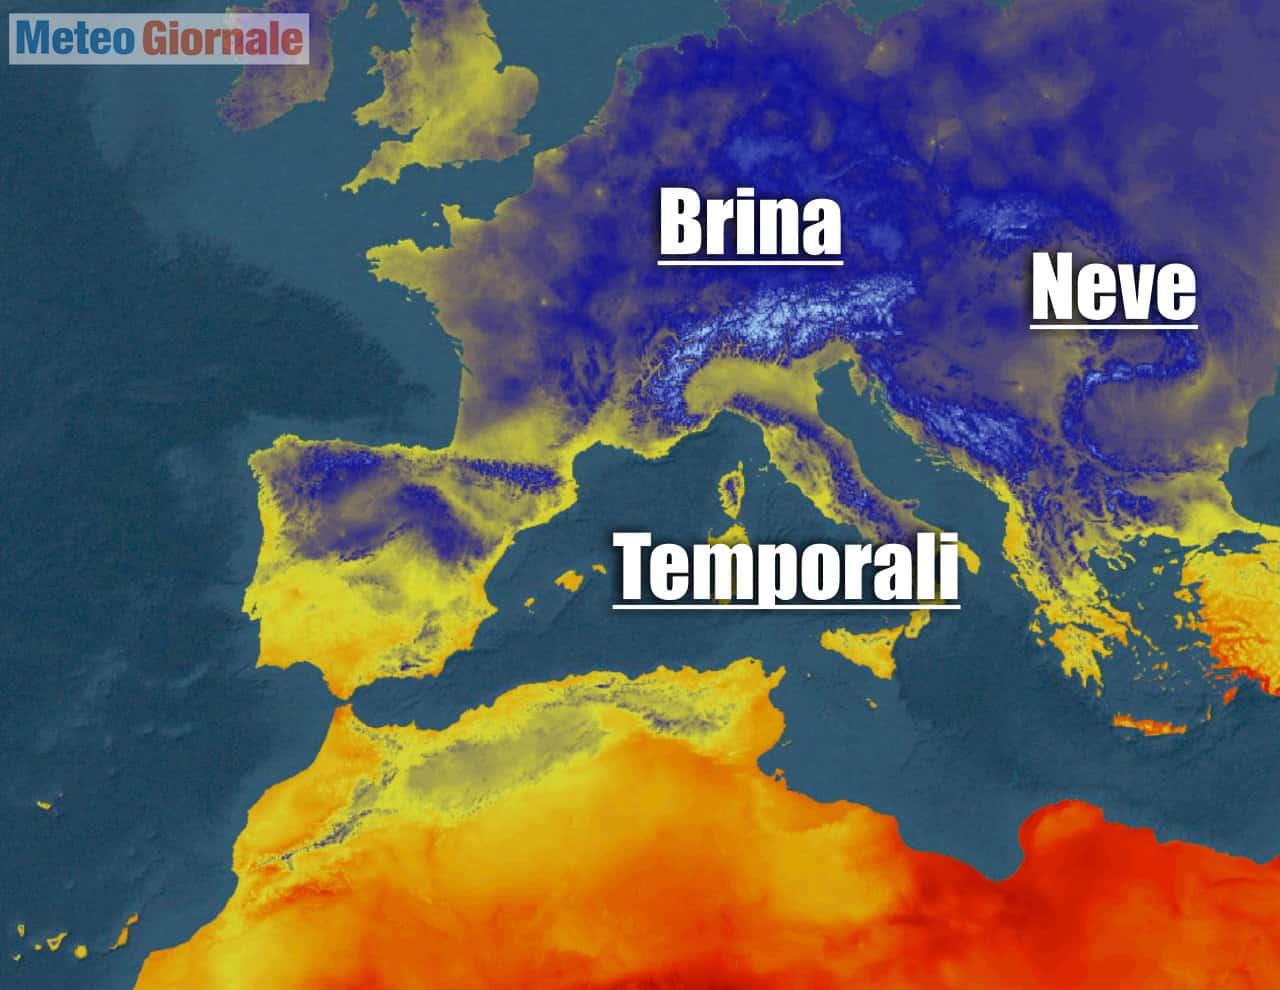 situazione ed evoluzione meteo - METEO con CROLLO Temperatura di 10-15 gradi: è l'Autunno del cambiamento climatico